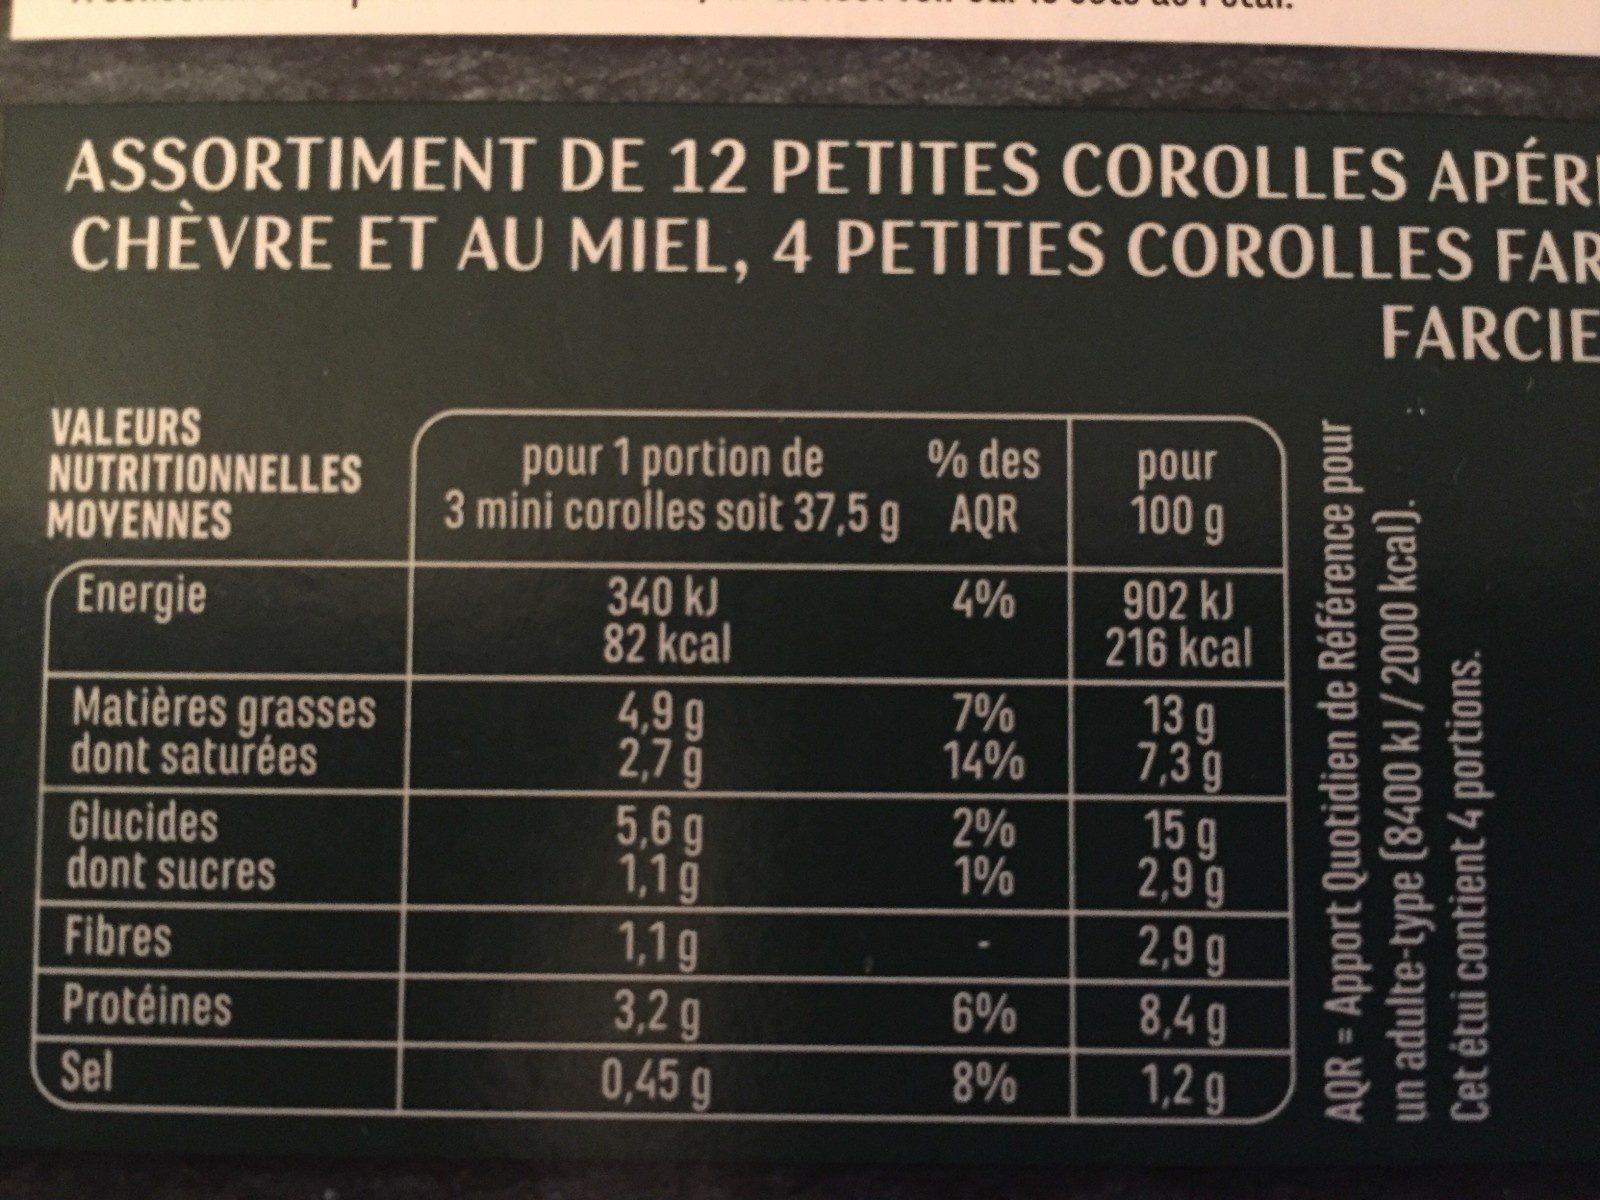 12 Mini corolles - Fromage de chèvre & miel, légumes d'été & parmesan, fromage frais & basilic - Ingrediënten - fr